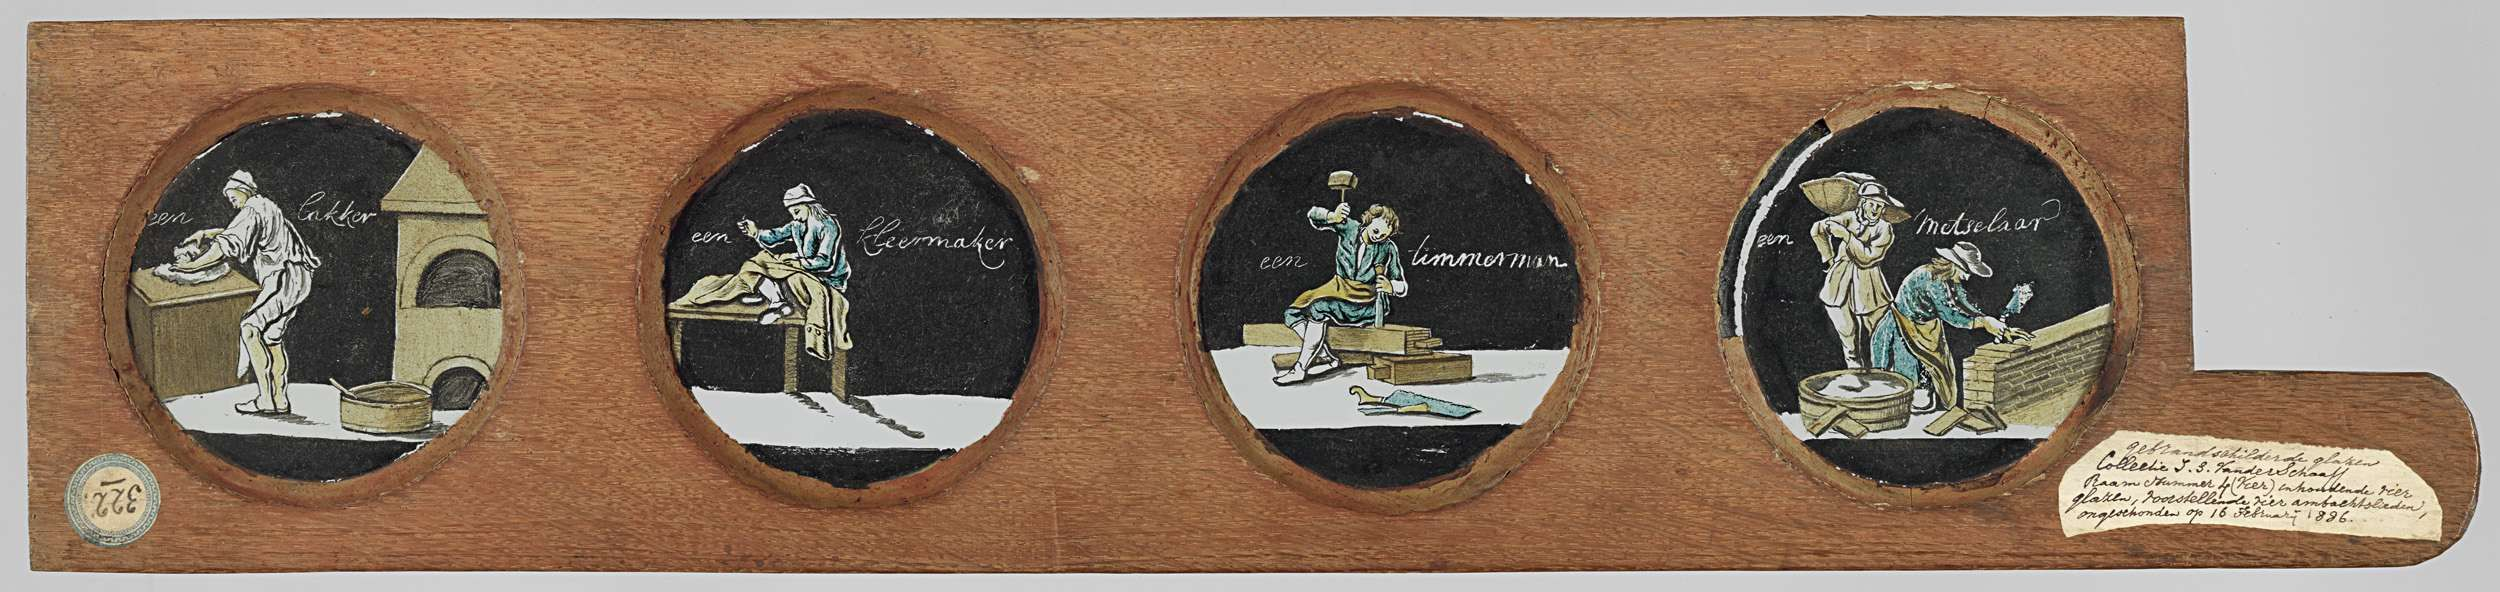 Anonymous   Vier beroepen naar Het Menselyk Bedryf, Anonymous, Jan Luyken, c. 1700 - c. 1790   Vier glazen in een houten vatting. Uiterst links: 'een bakker', staand bezig met deeg kneden en achter hem een oven. Rechts daarvan: 'een kleermaker',zittend op tafel en bezig met het naaien van een jas. Rechts daarvan: 'een timmerman', zittend op een balk die hij  met hamer en beitel bewerkt. Uiterst rechts: 'een metselaar', met troffel knielend bij een laag muurtje naast een emmer mortel, en op…